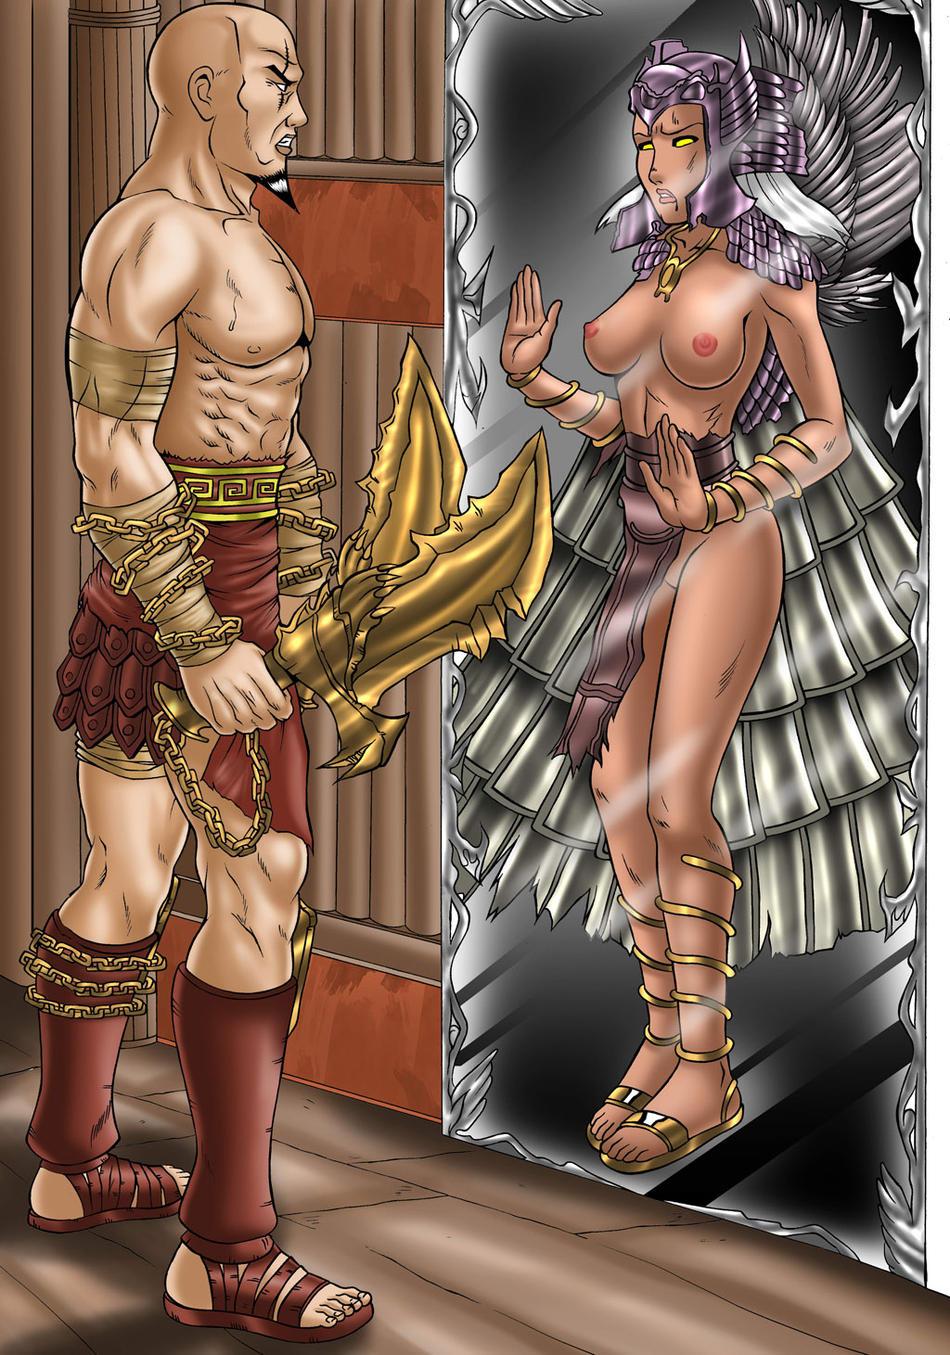 god of pandora 3 war Harley quinn arkham asylum nude